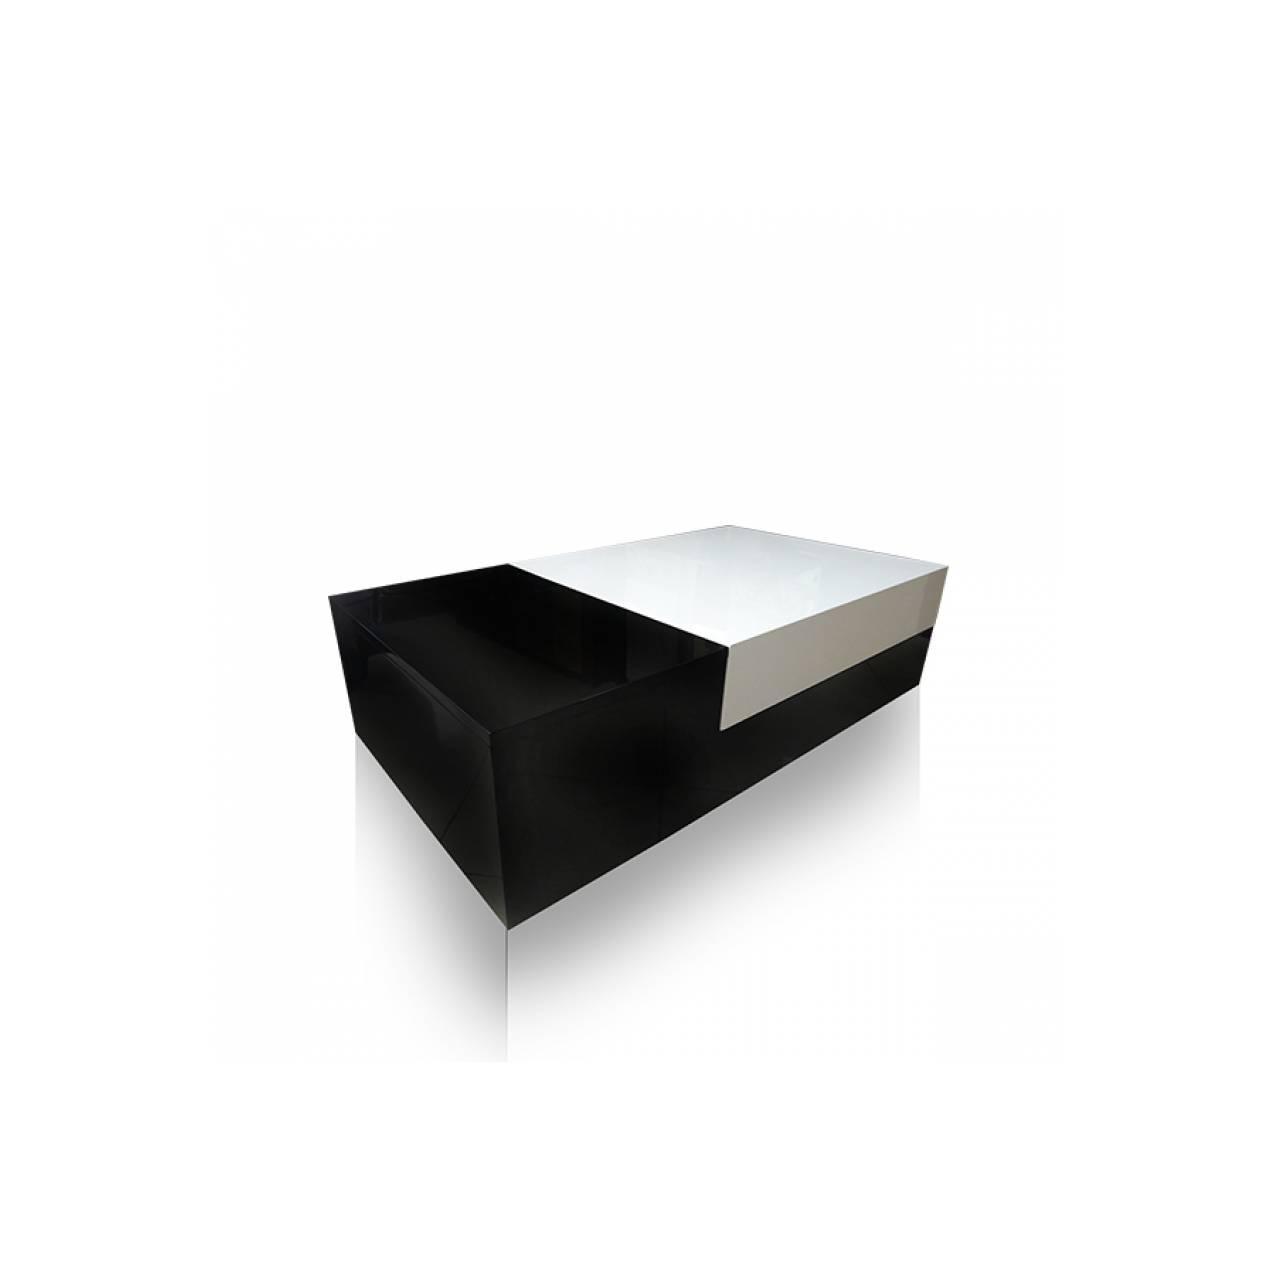 Meja Tamu Persegi Panjang Multiplek IP 02 - Putih Kombinasi Hitam